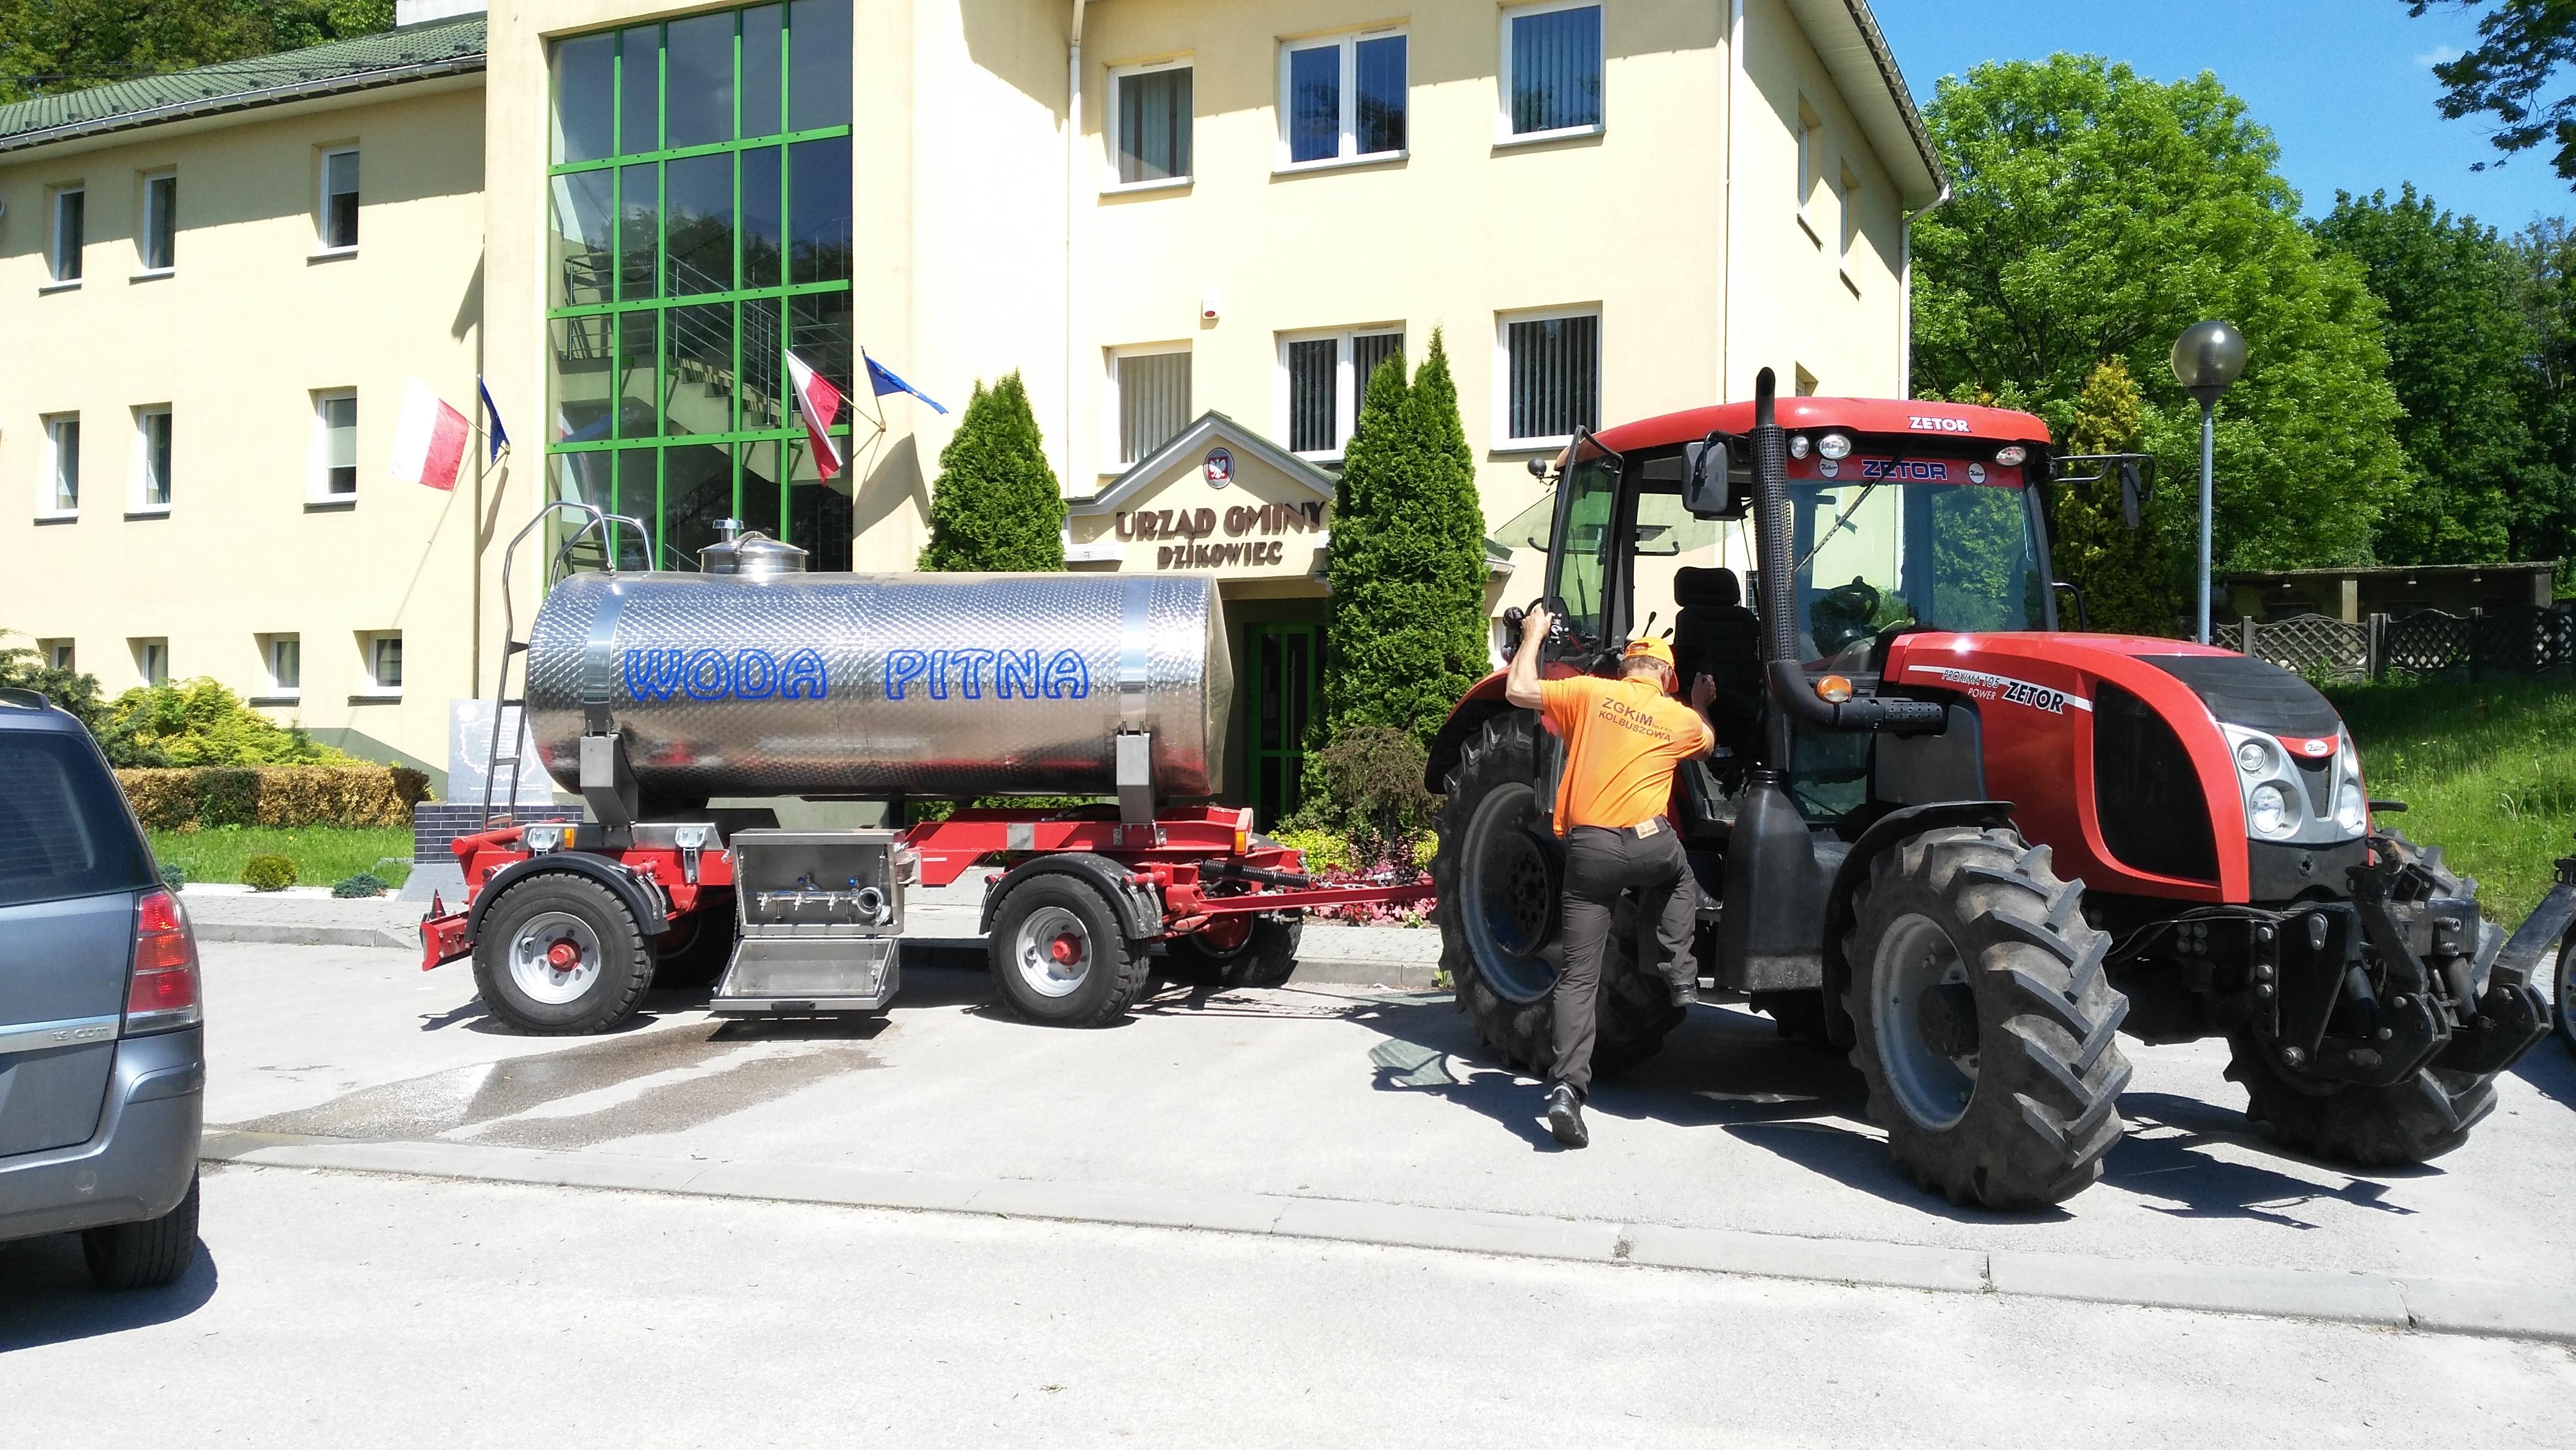 Skażona woda w gminie Dzikowiec nawet przez kilka dni! Sprawdź punkty poboru wody zdatnej do picia [LISTA] - Zdjęcie główne